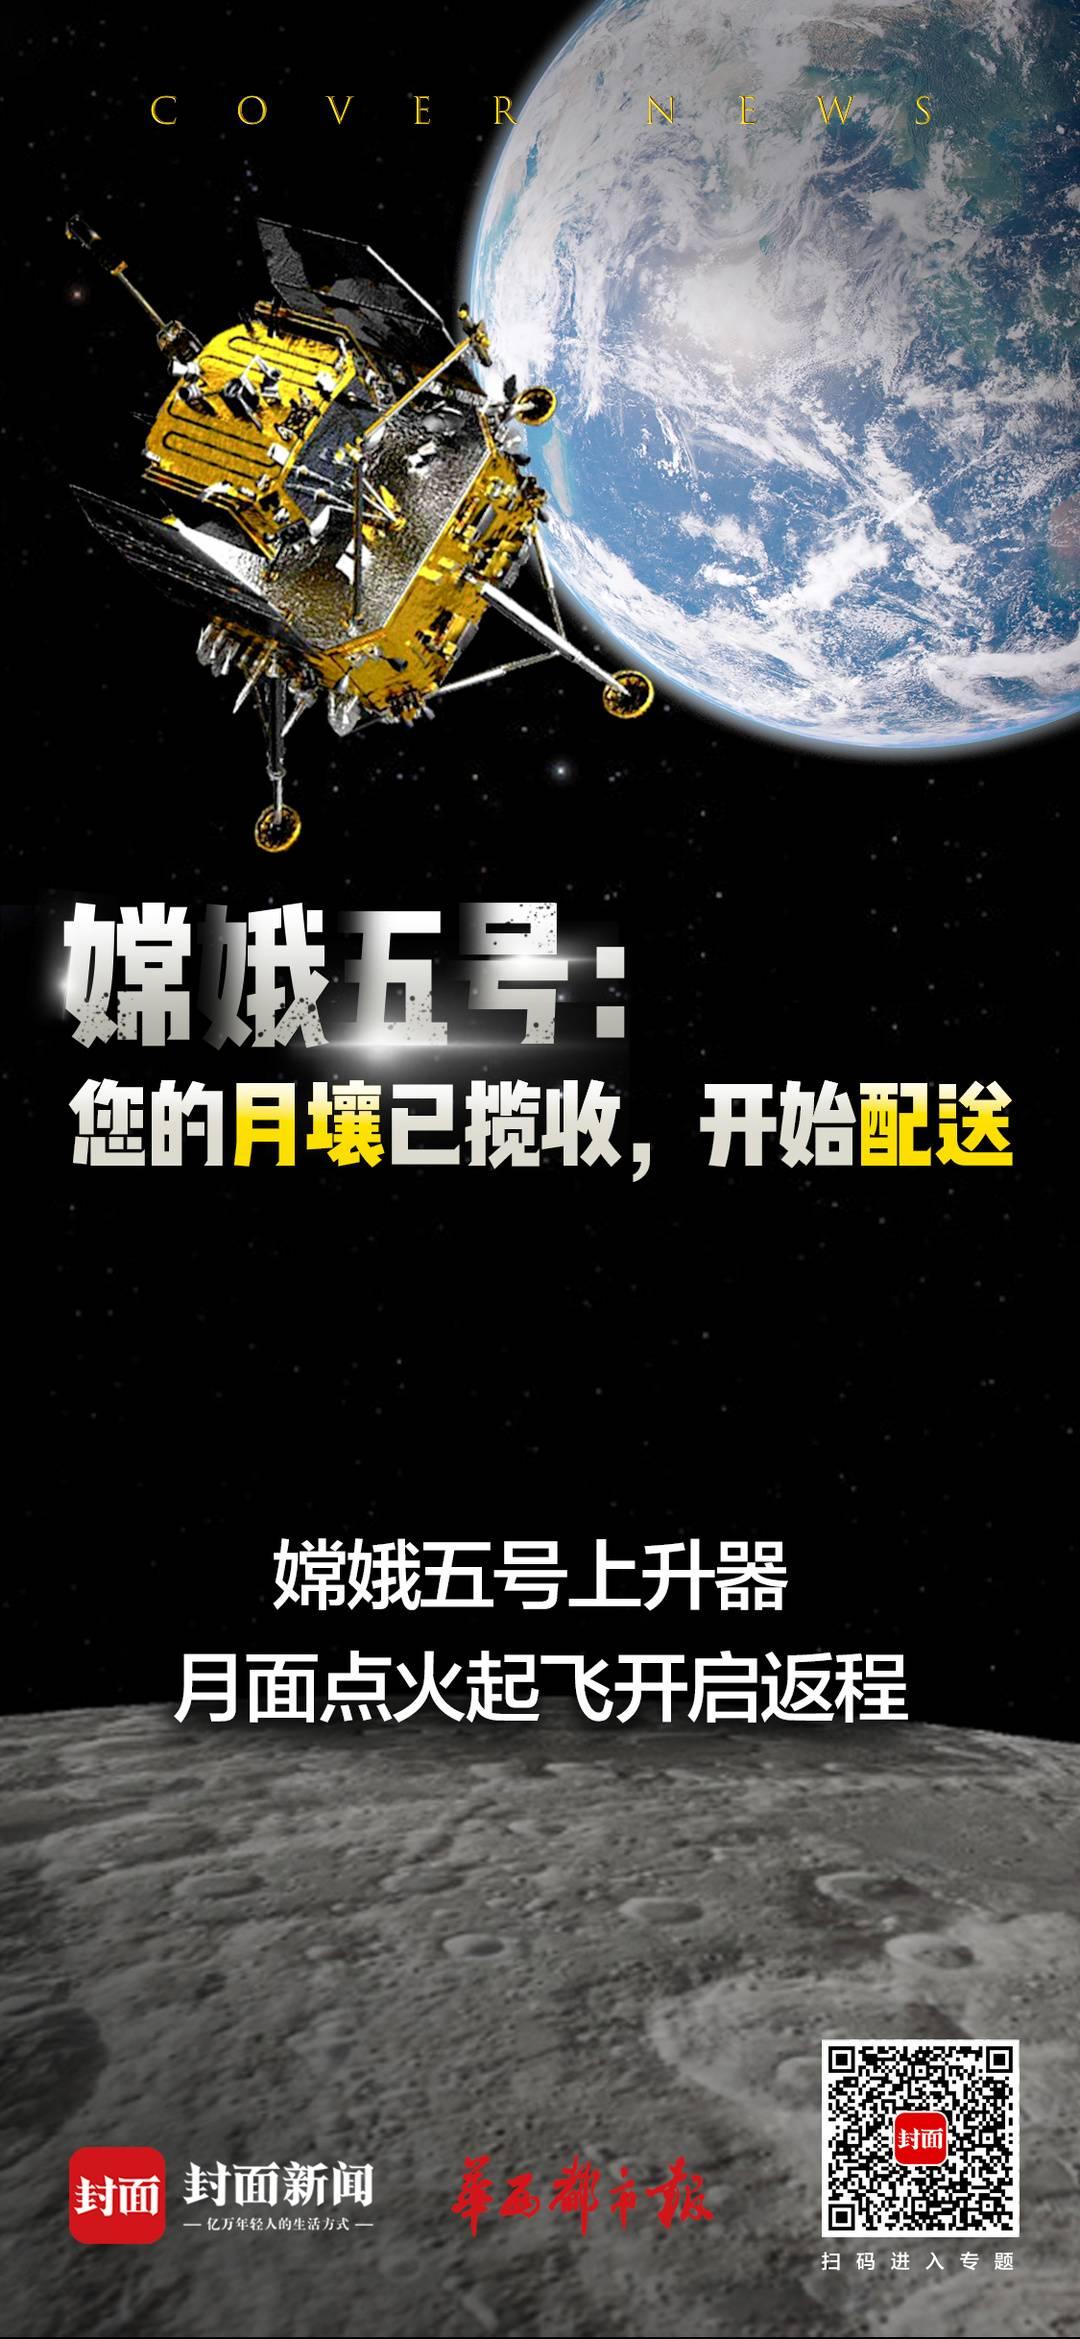 嫦娥五号:您的月壤已揽收,开始配送